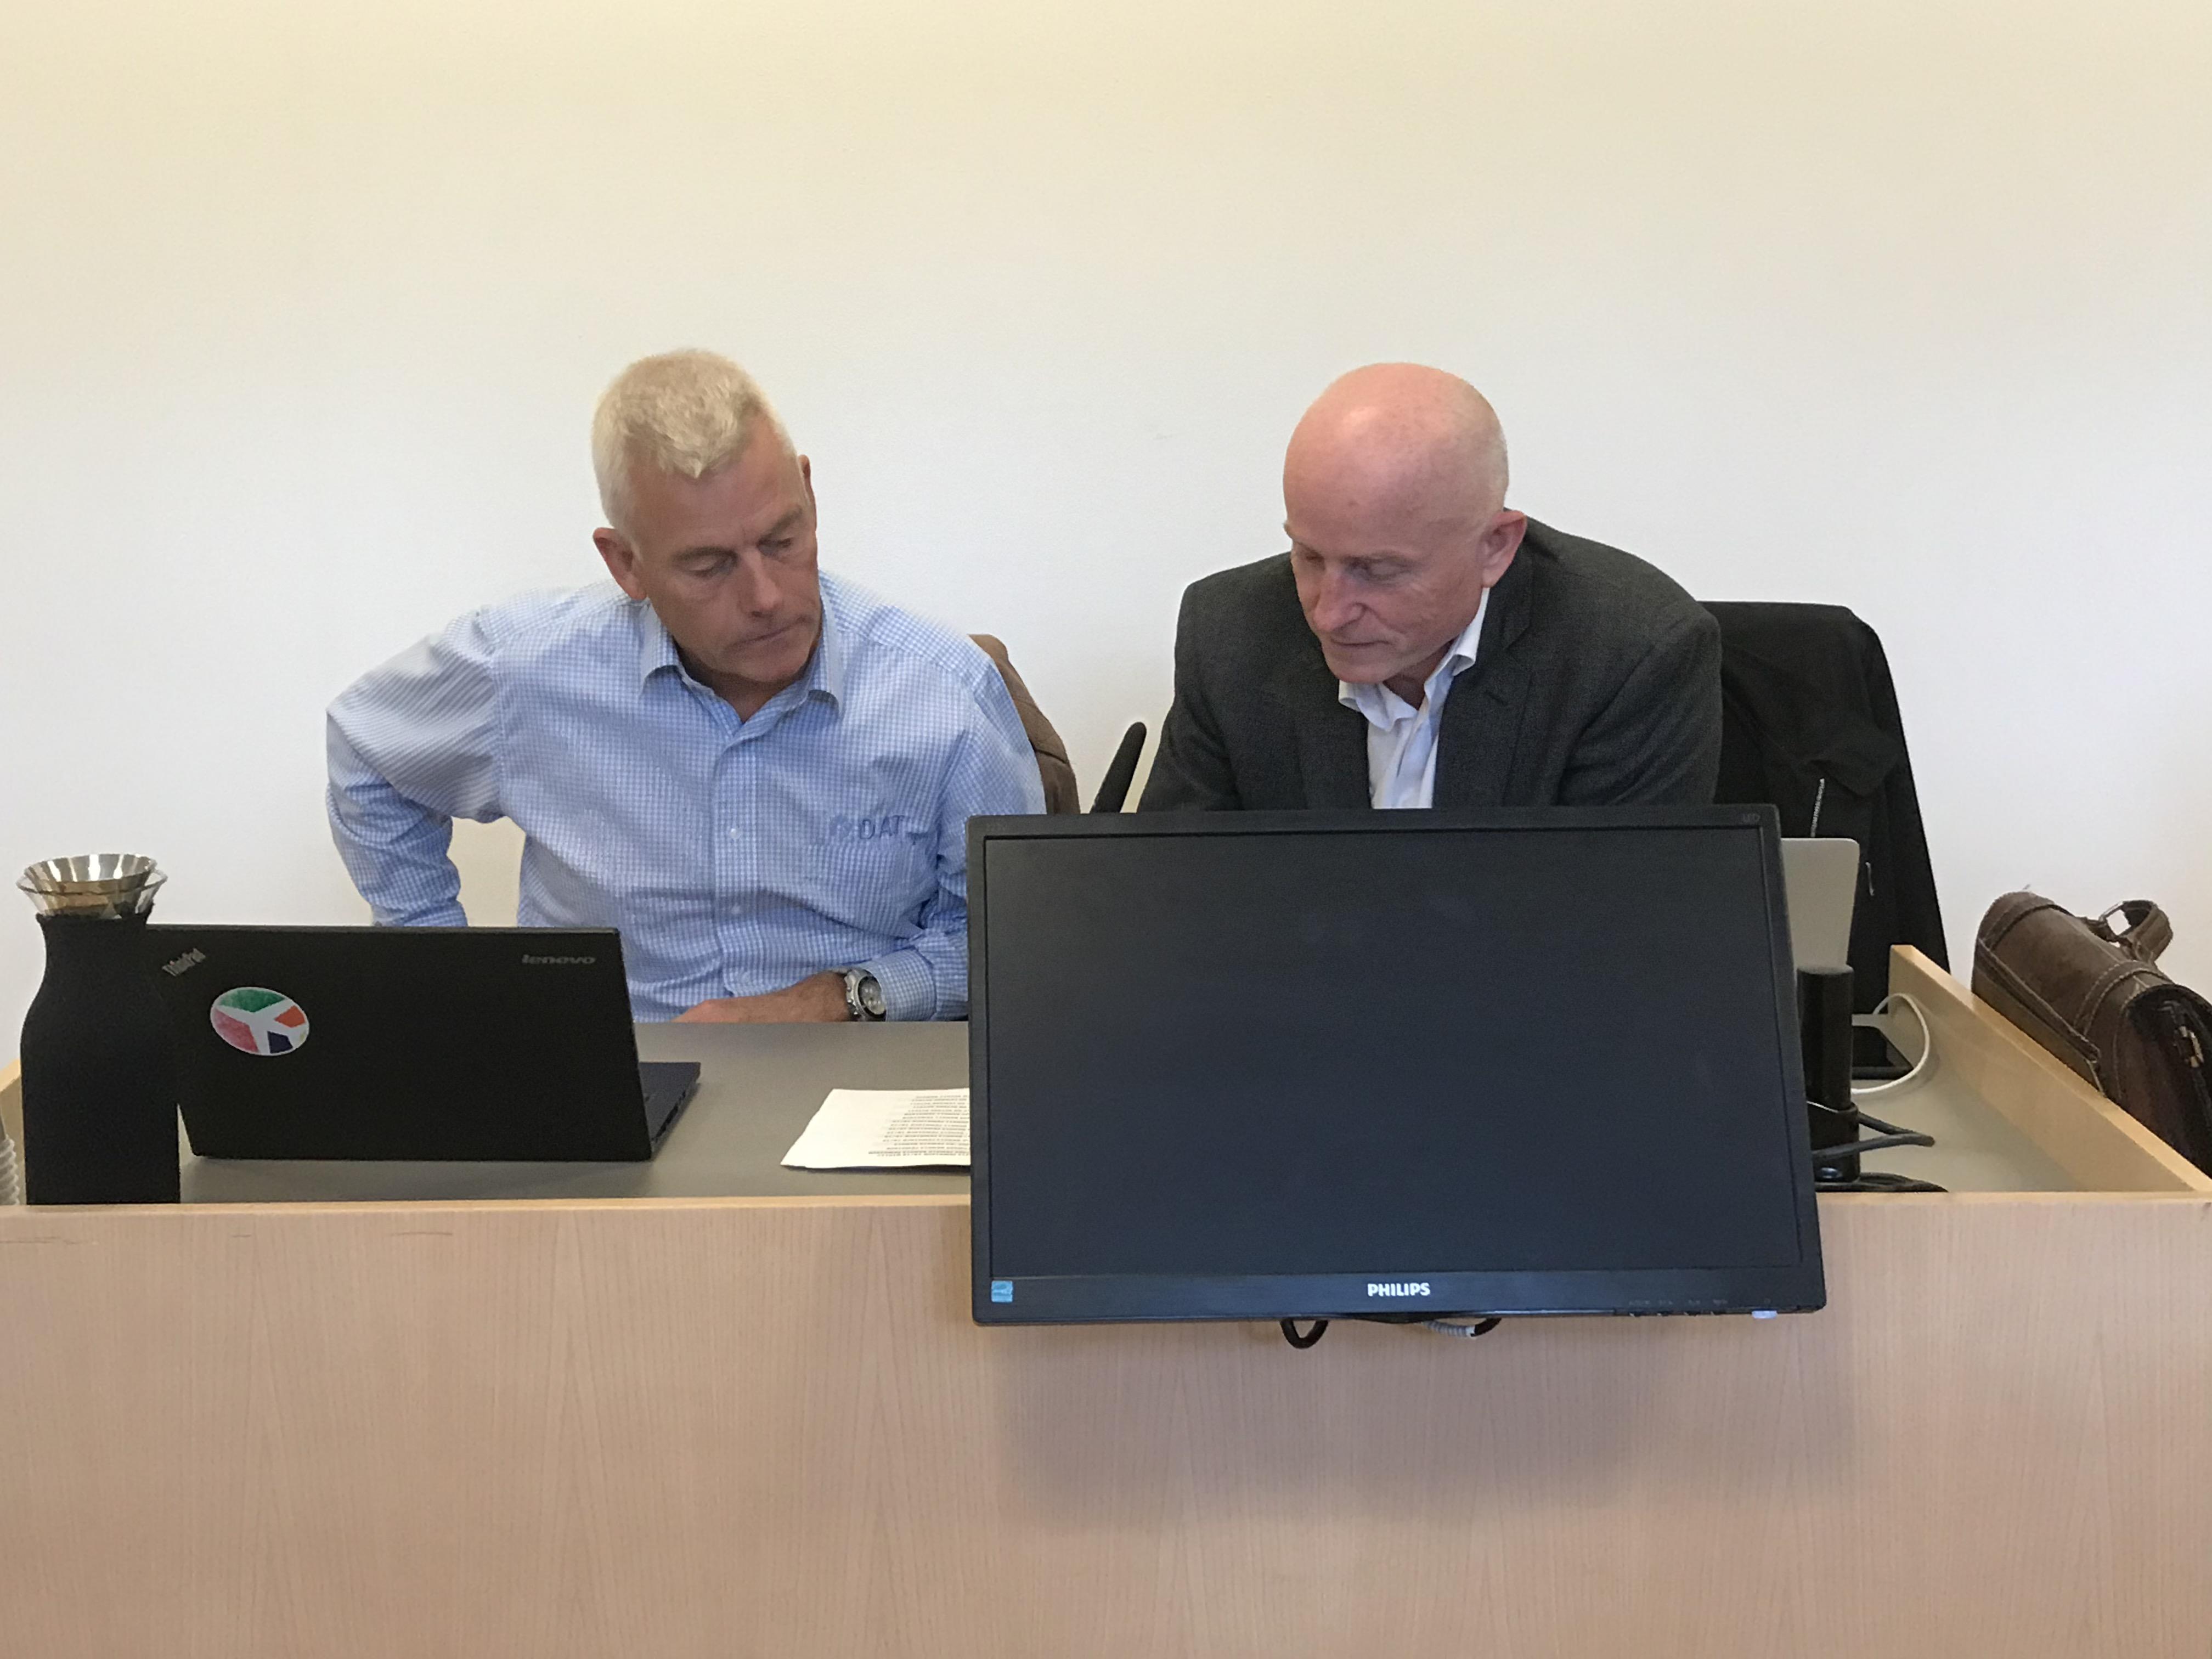 Adm. direktør Jesper Rungholm (t.v.) og advokat Jens Sømod Mønster Birk i Retten i Randers (Foto: Ole Kirchert Christensen)